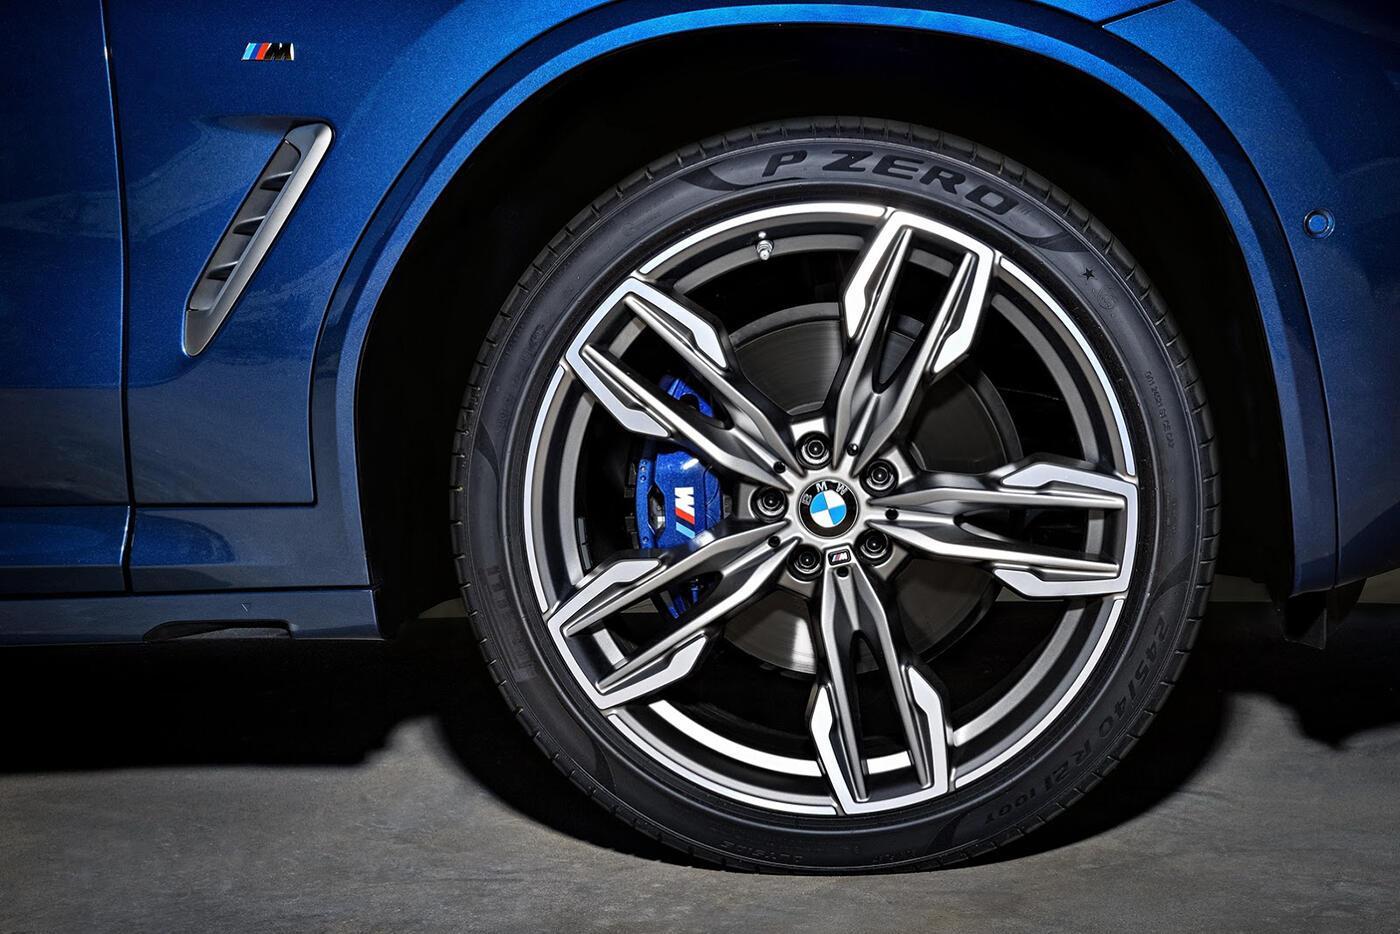 BMW X3 2018 chính thức trình làng, thêm nhiều trang bị mới - Hình 6